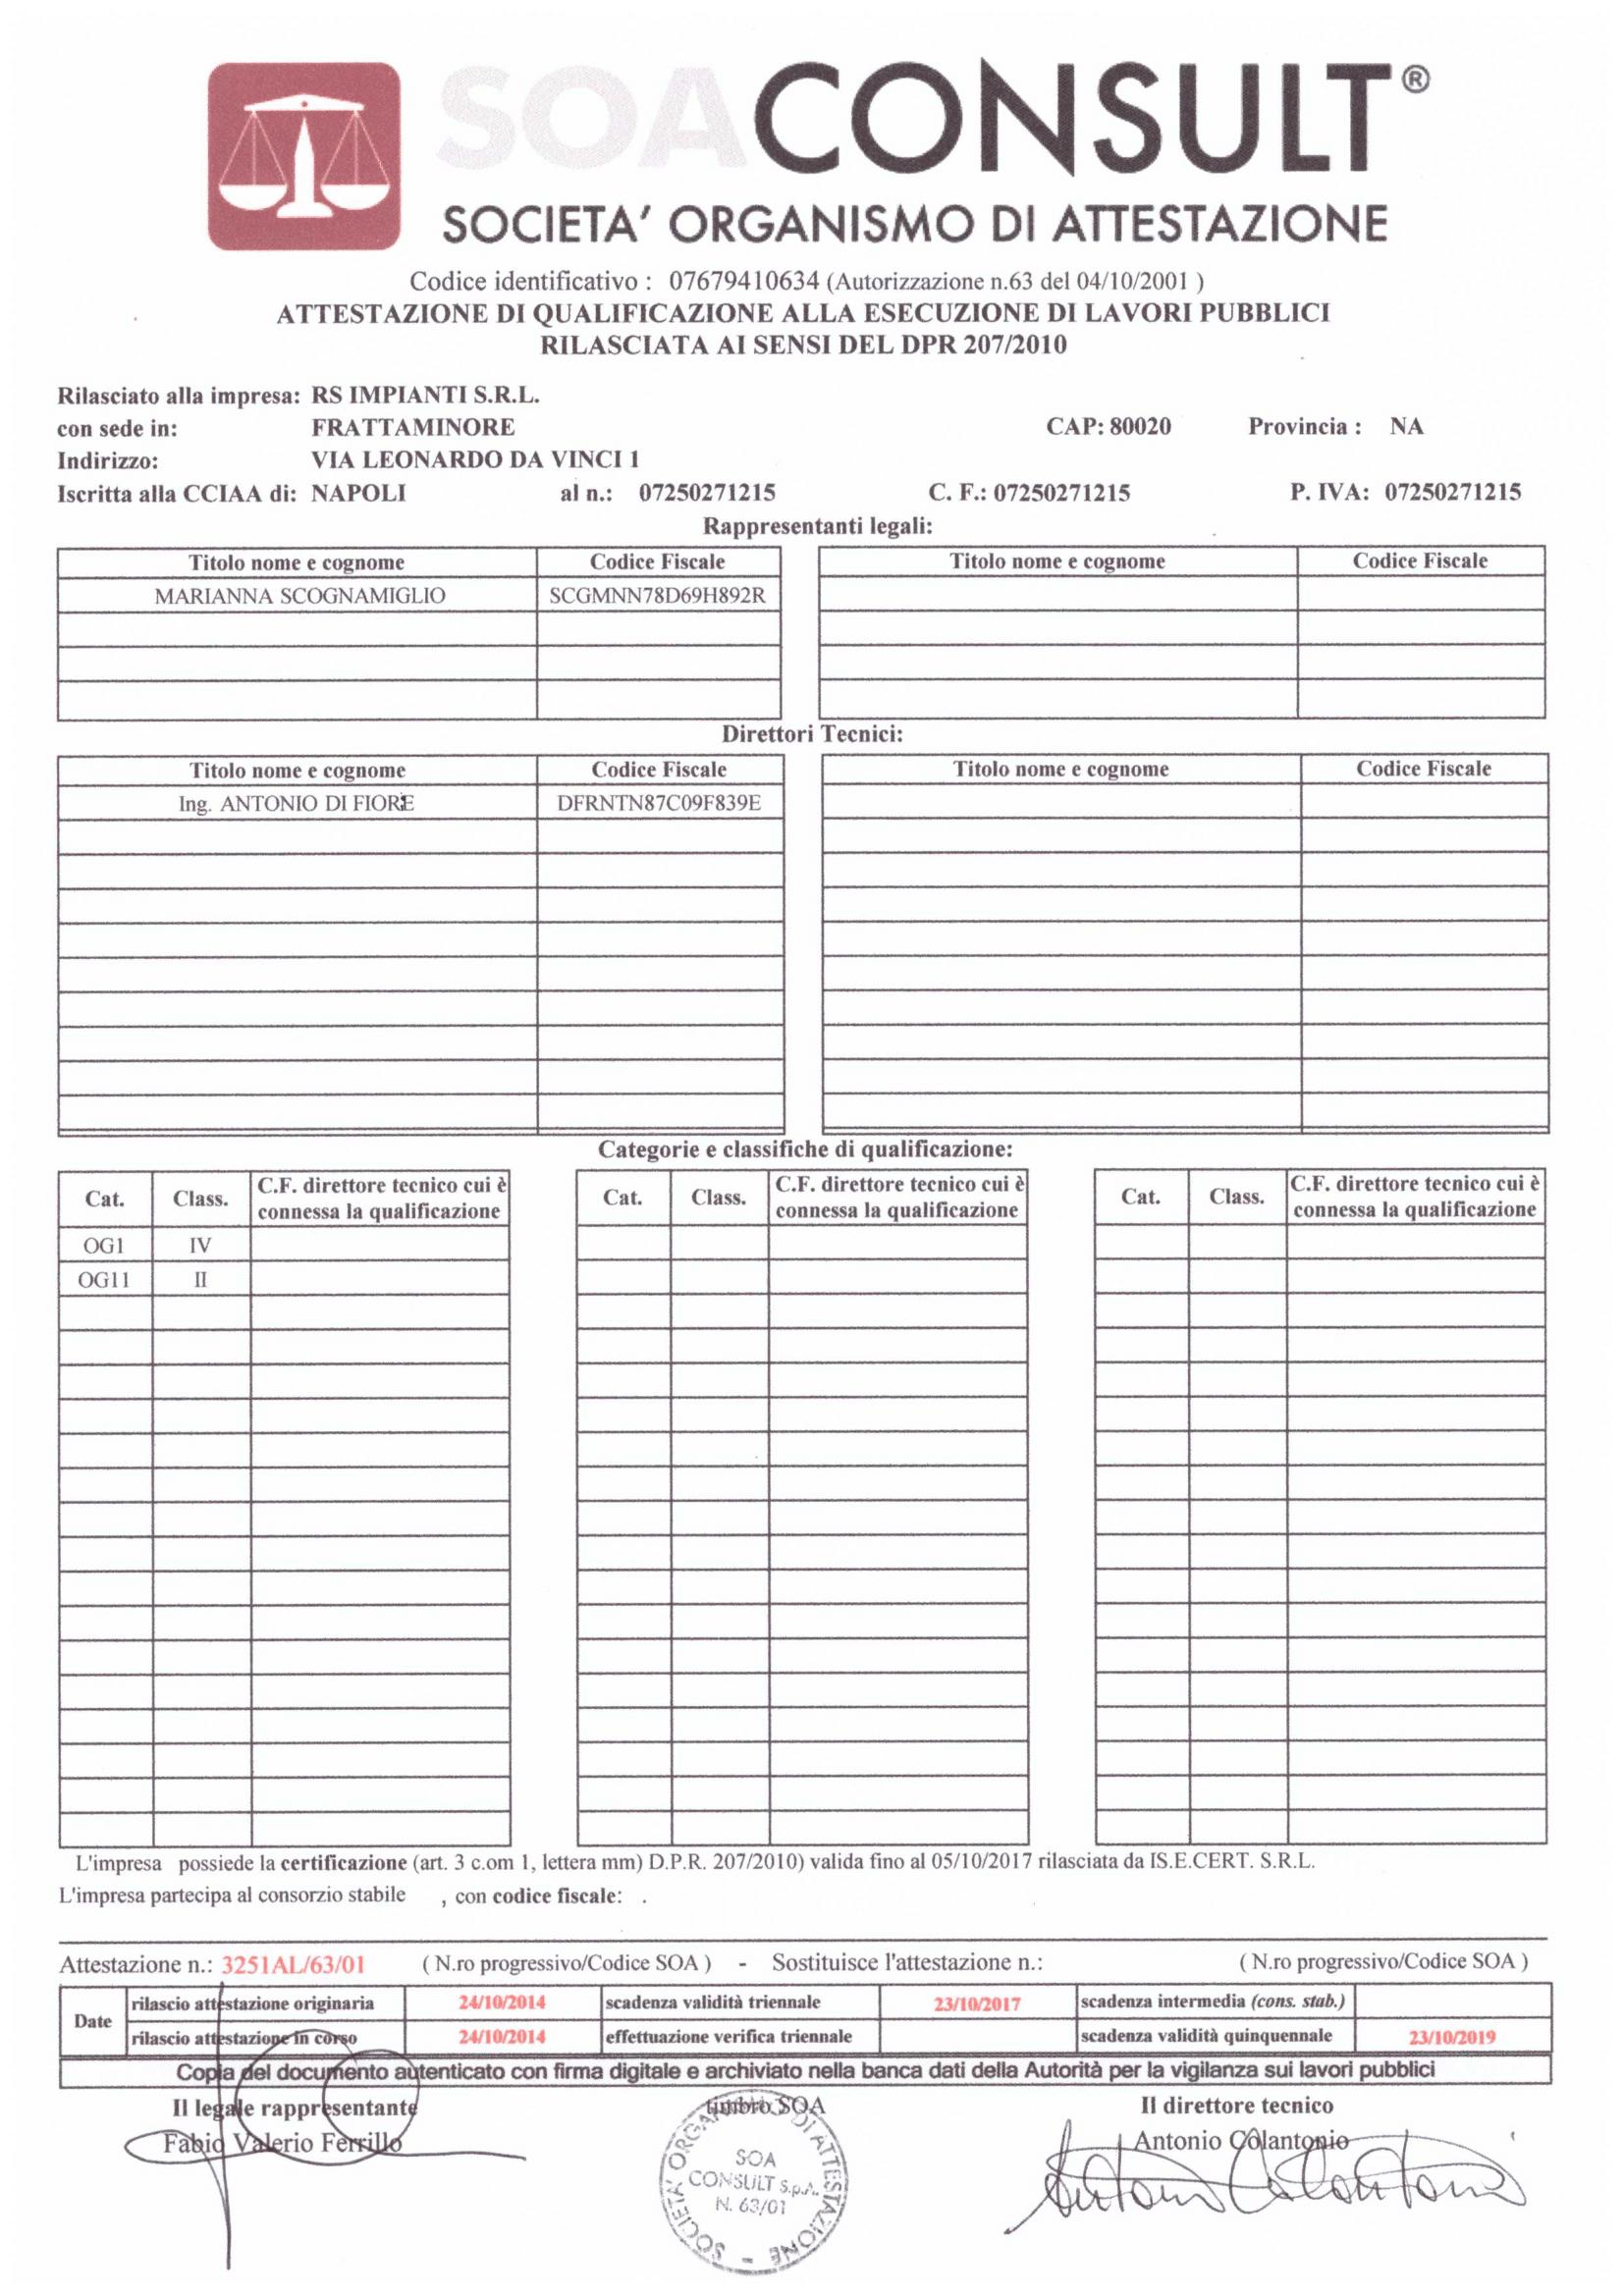 Certificato conformit impianto elettrico good certificato - Certificato impianto elettrico a norma ...